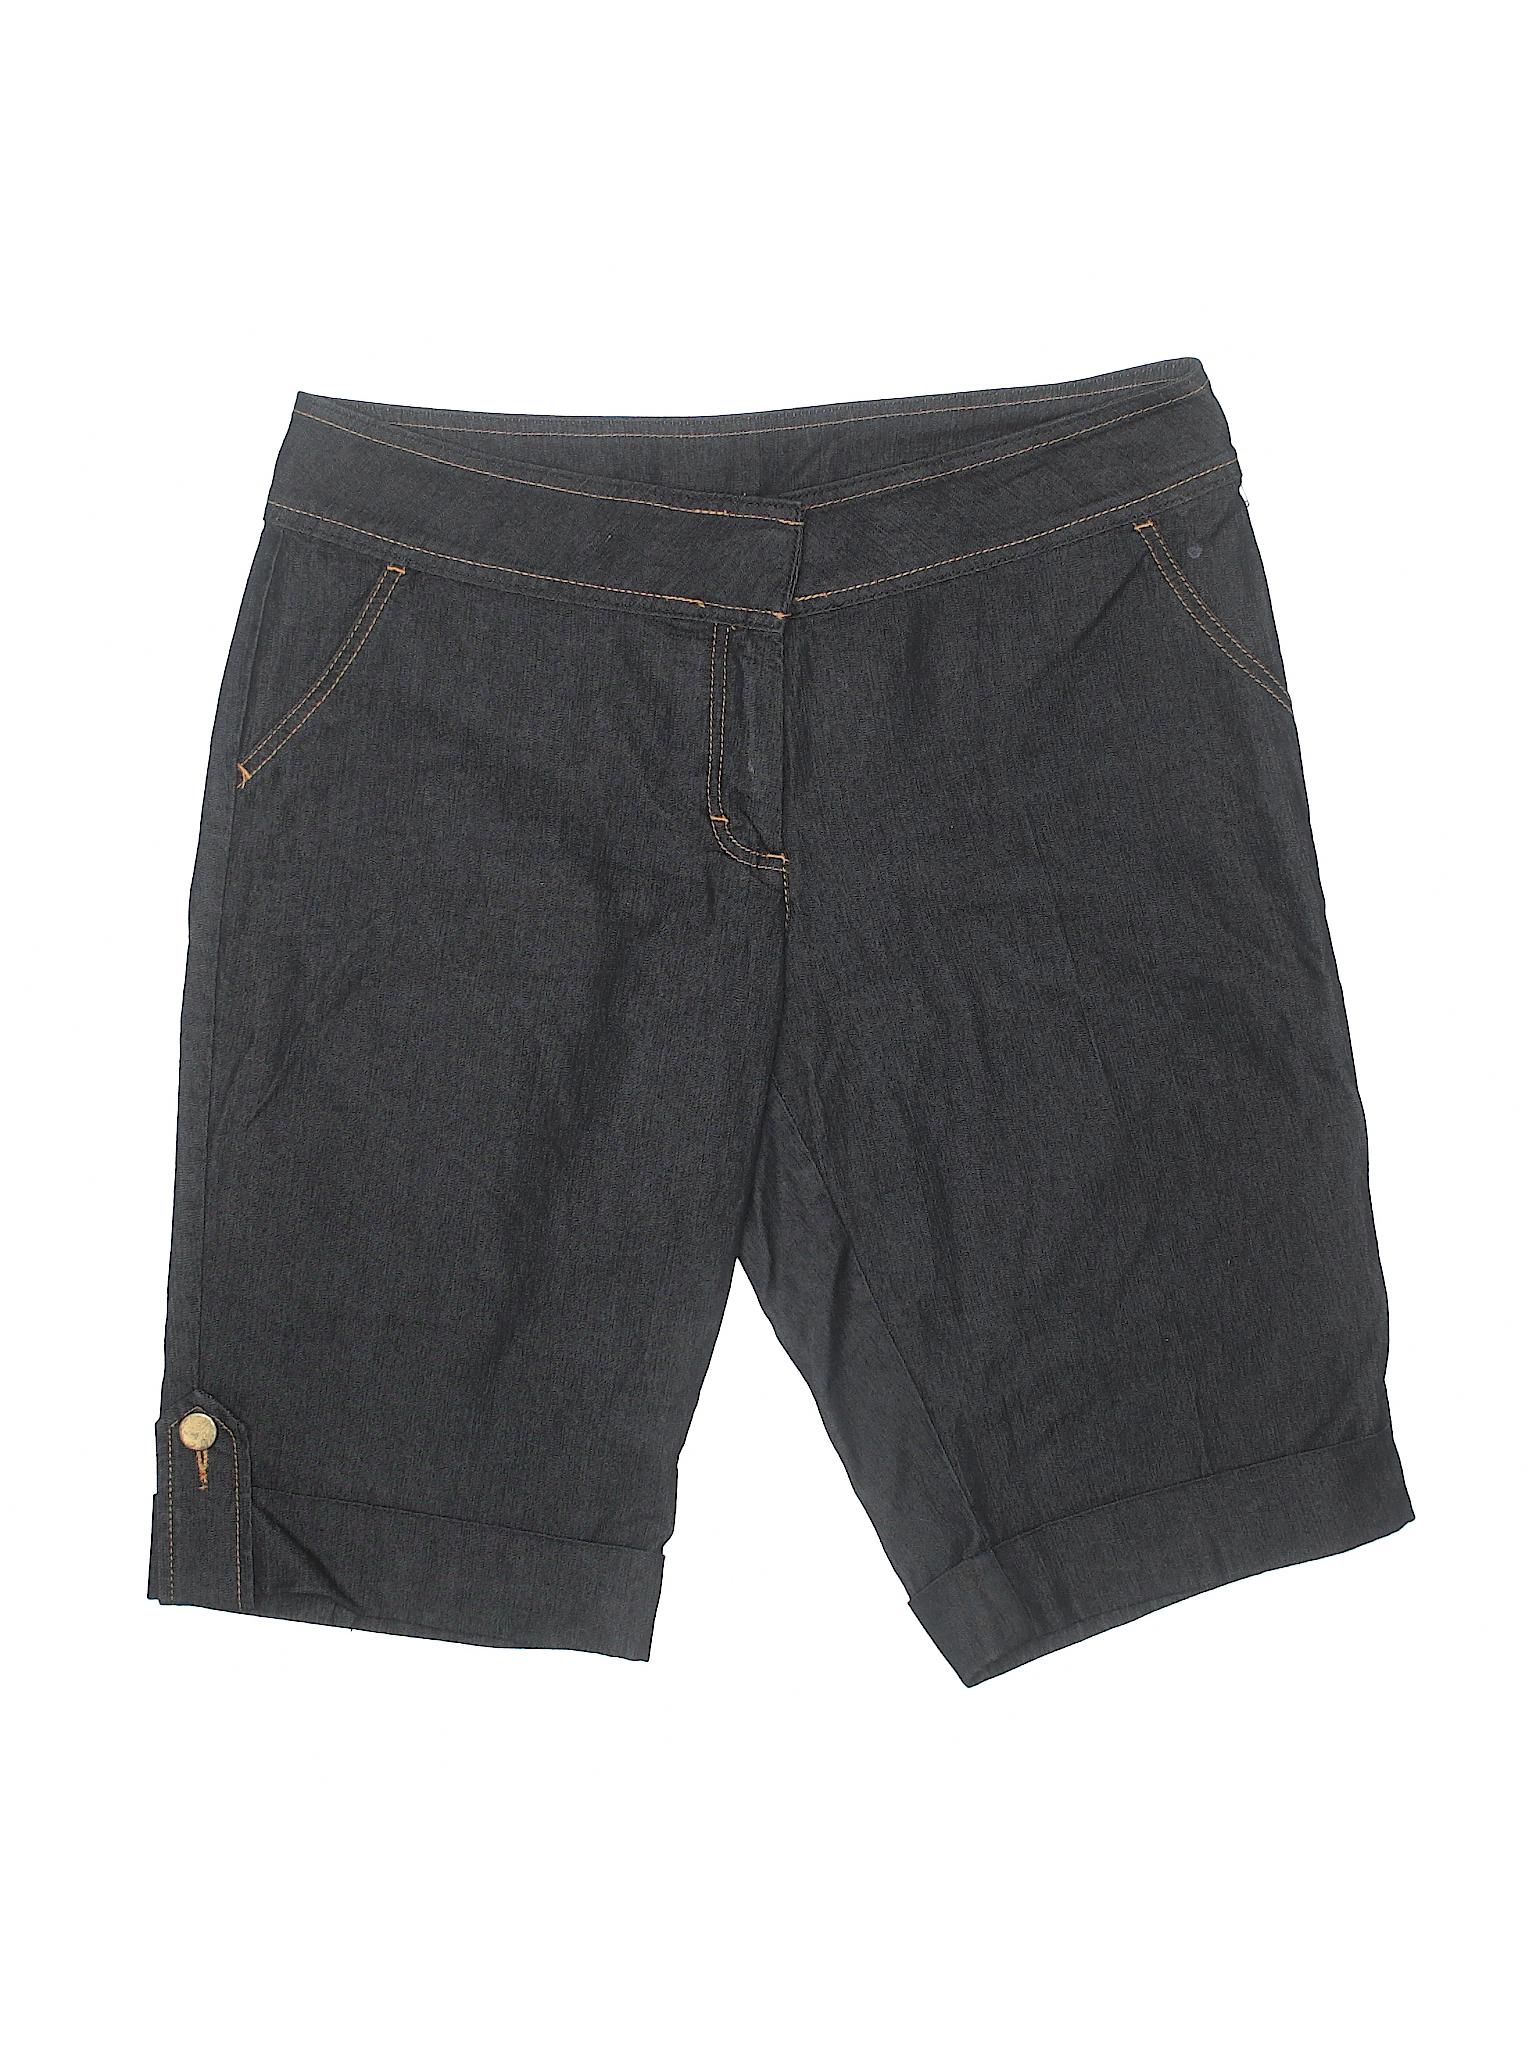 Denim Shorts Denim Bisou Bisou Boutique Denim Boutique Bisou Shorts Bisou Bisou Bisou Shorts Boutique Boutique SZnAwO